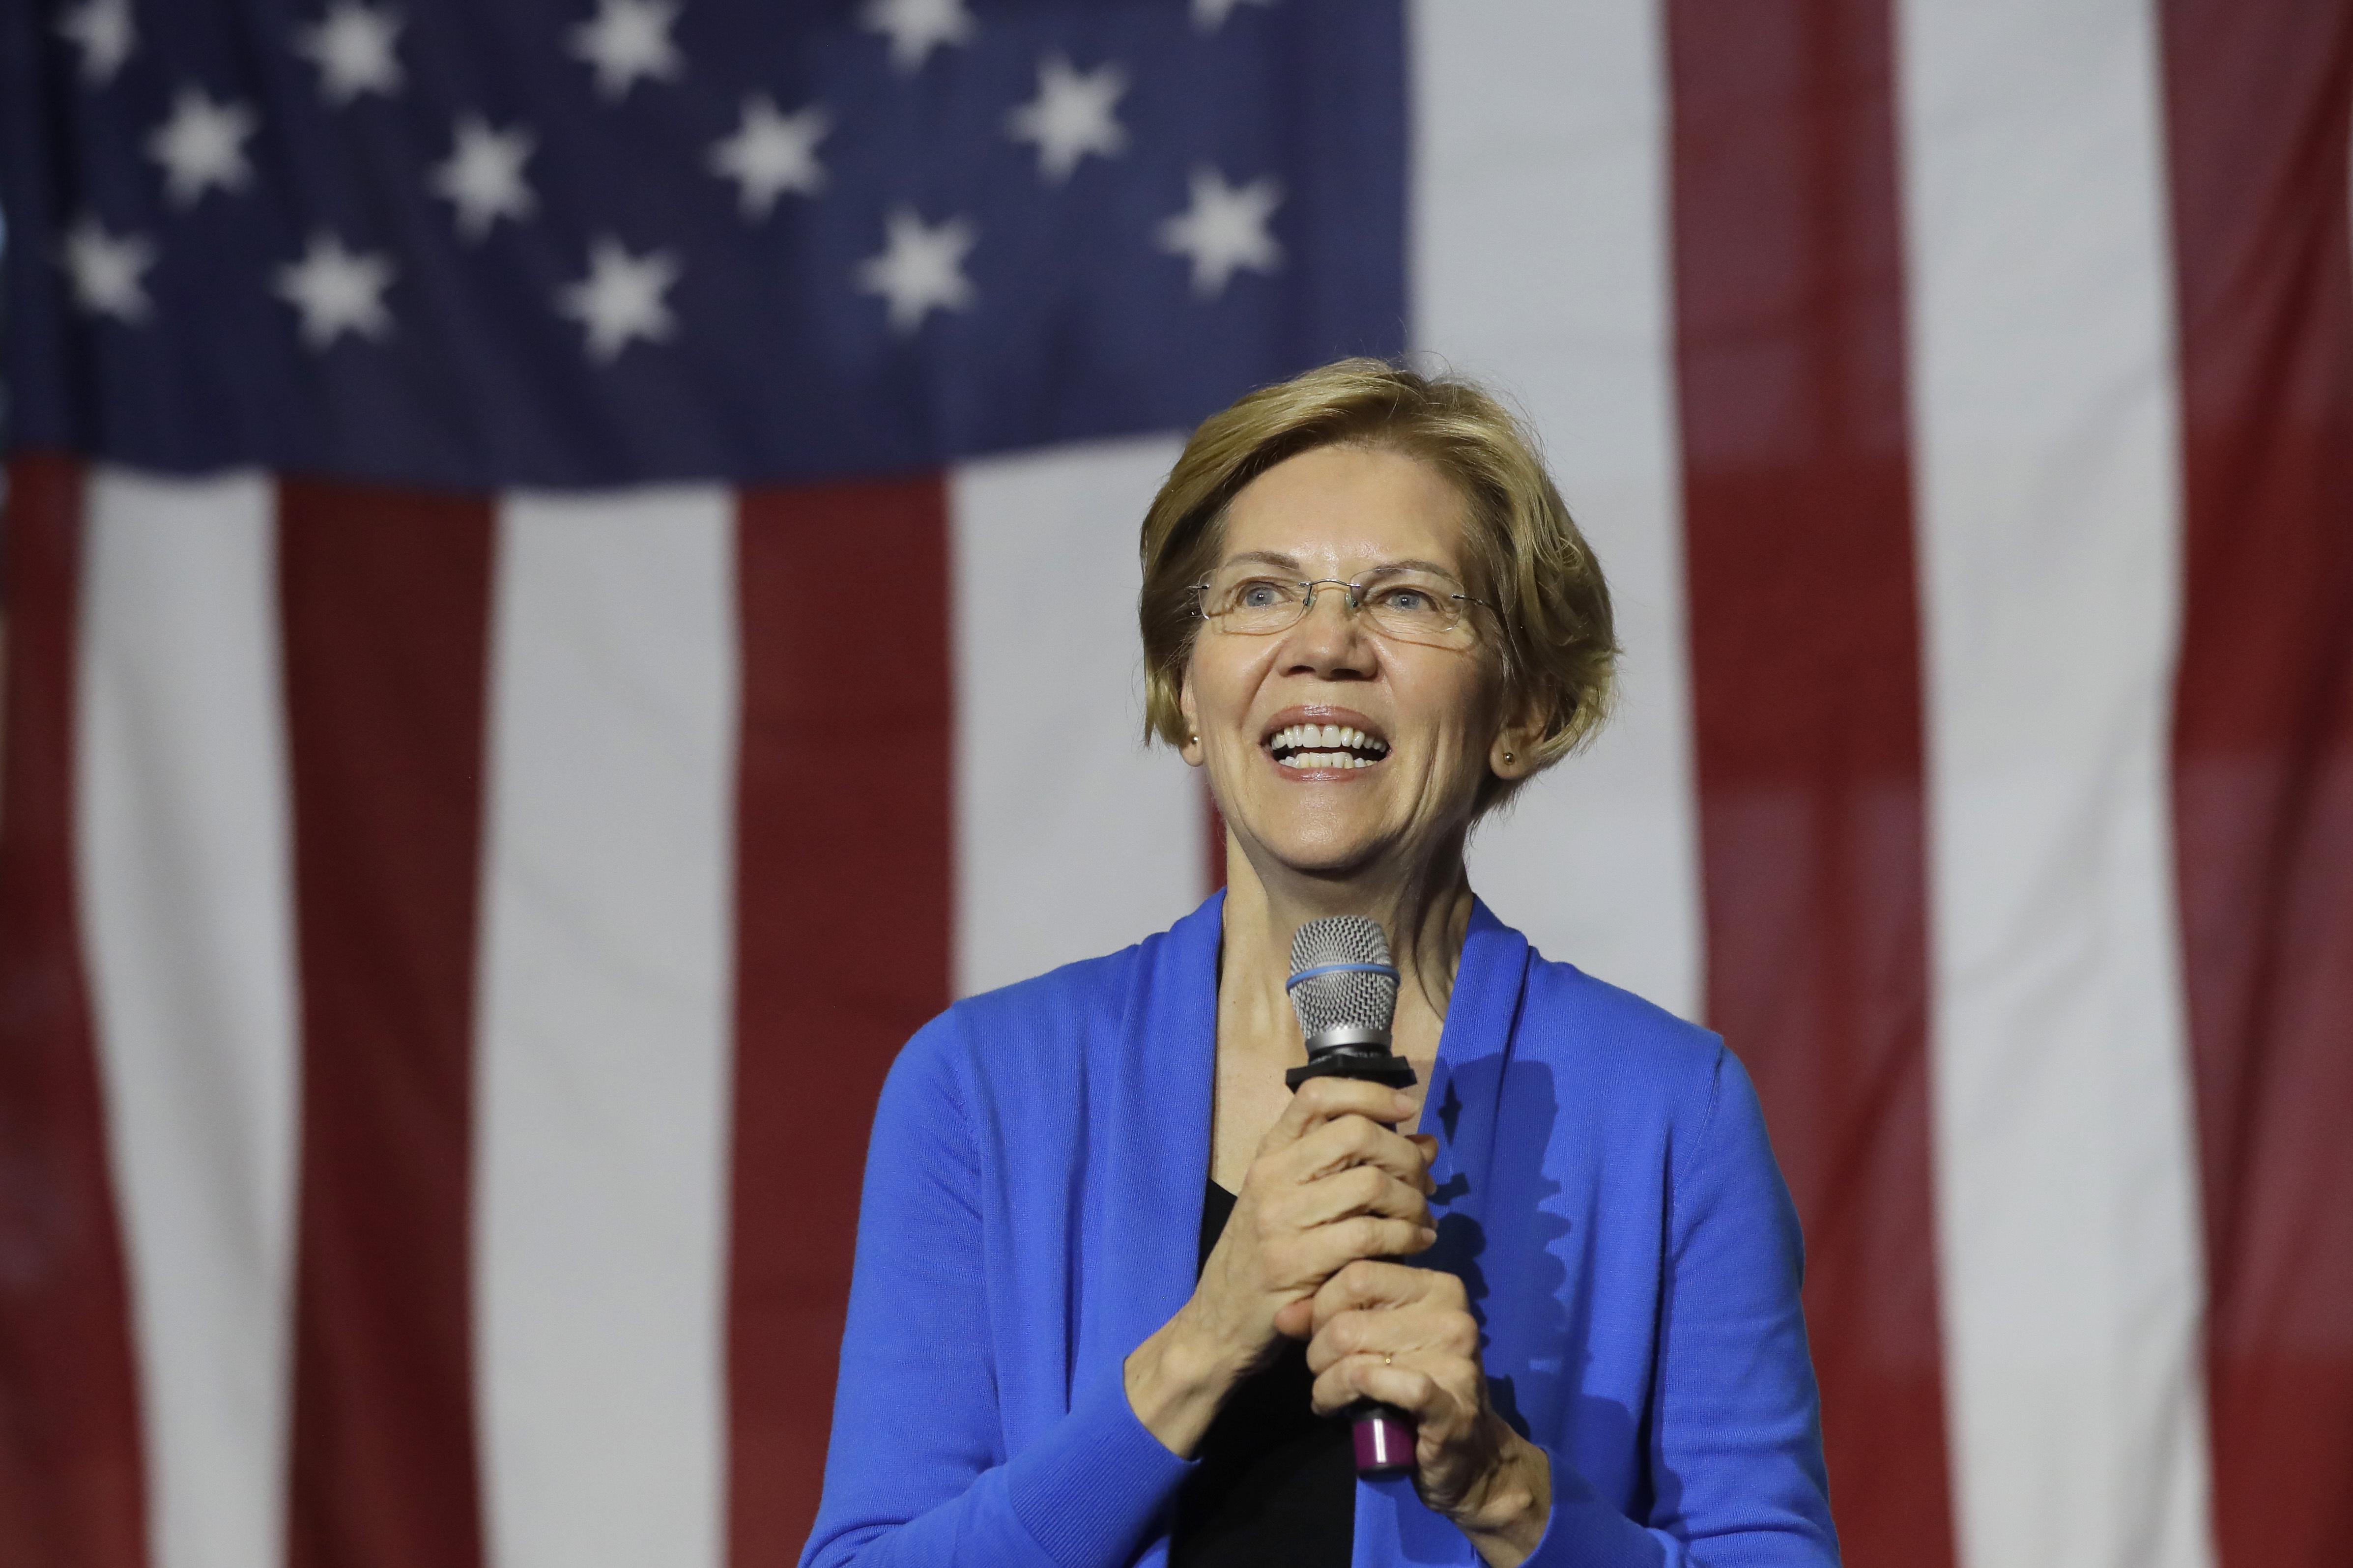 Elizabeth Warren tops 2020 Democratic presidential field in Iowa: Poll